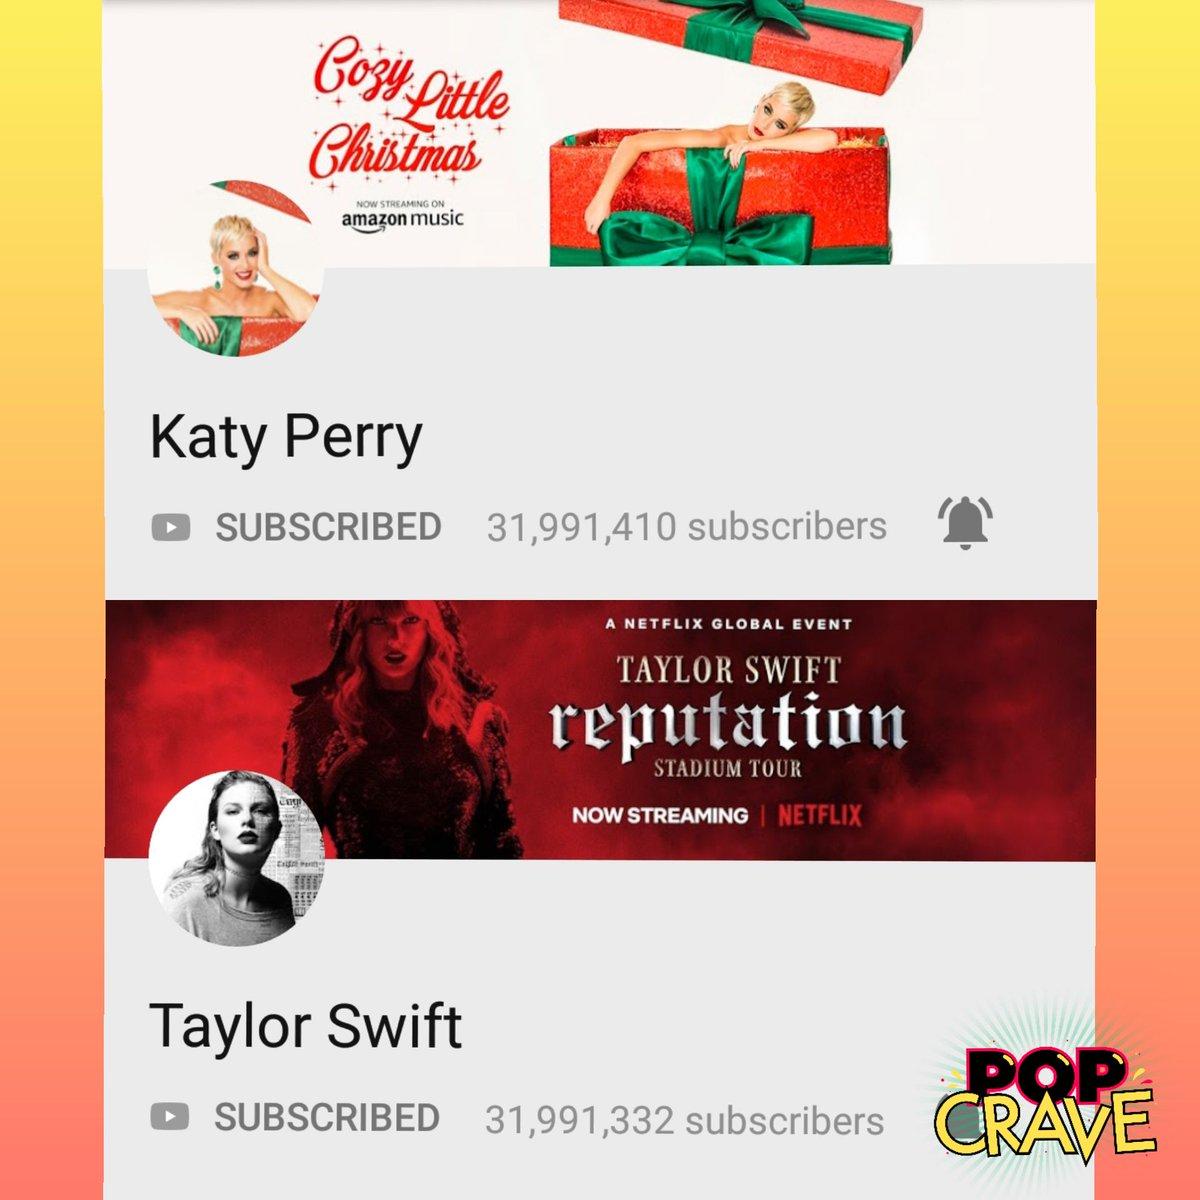 Katy Perry e Taylor Swift praticamente igualam seus inscritos no YouTube e fazem disputa acirrada pelo #1